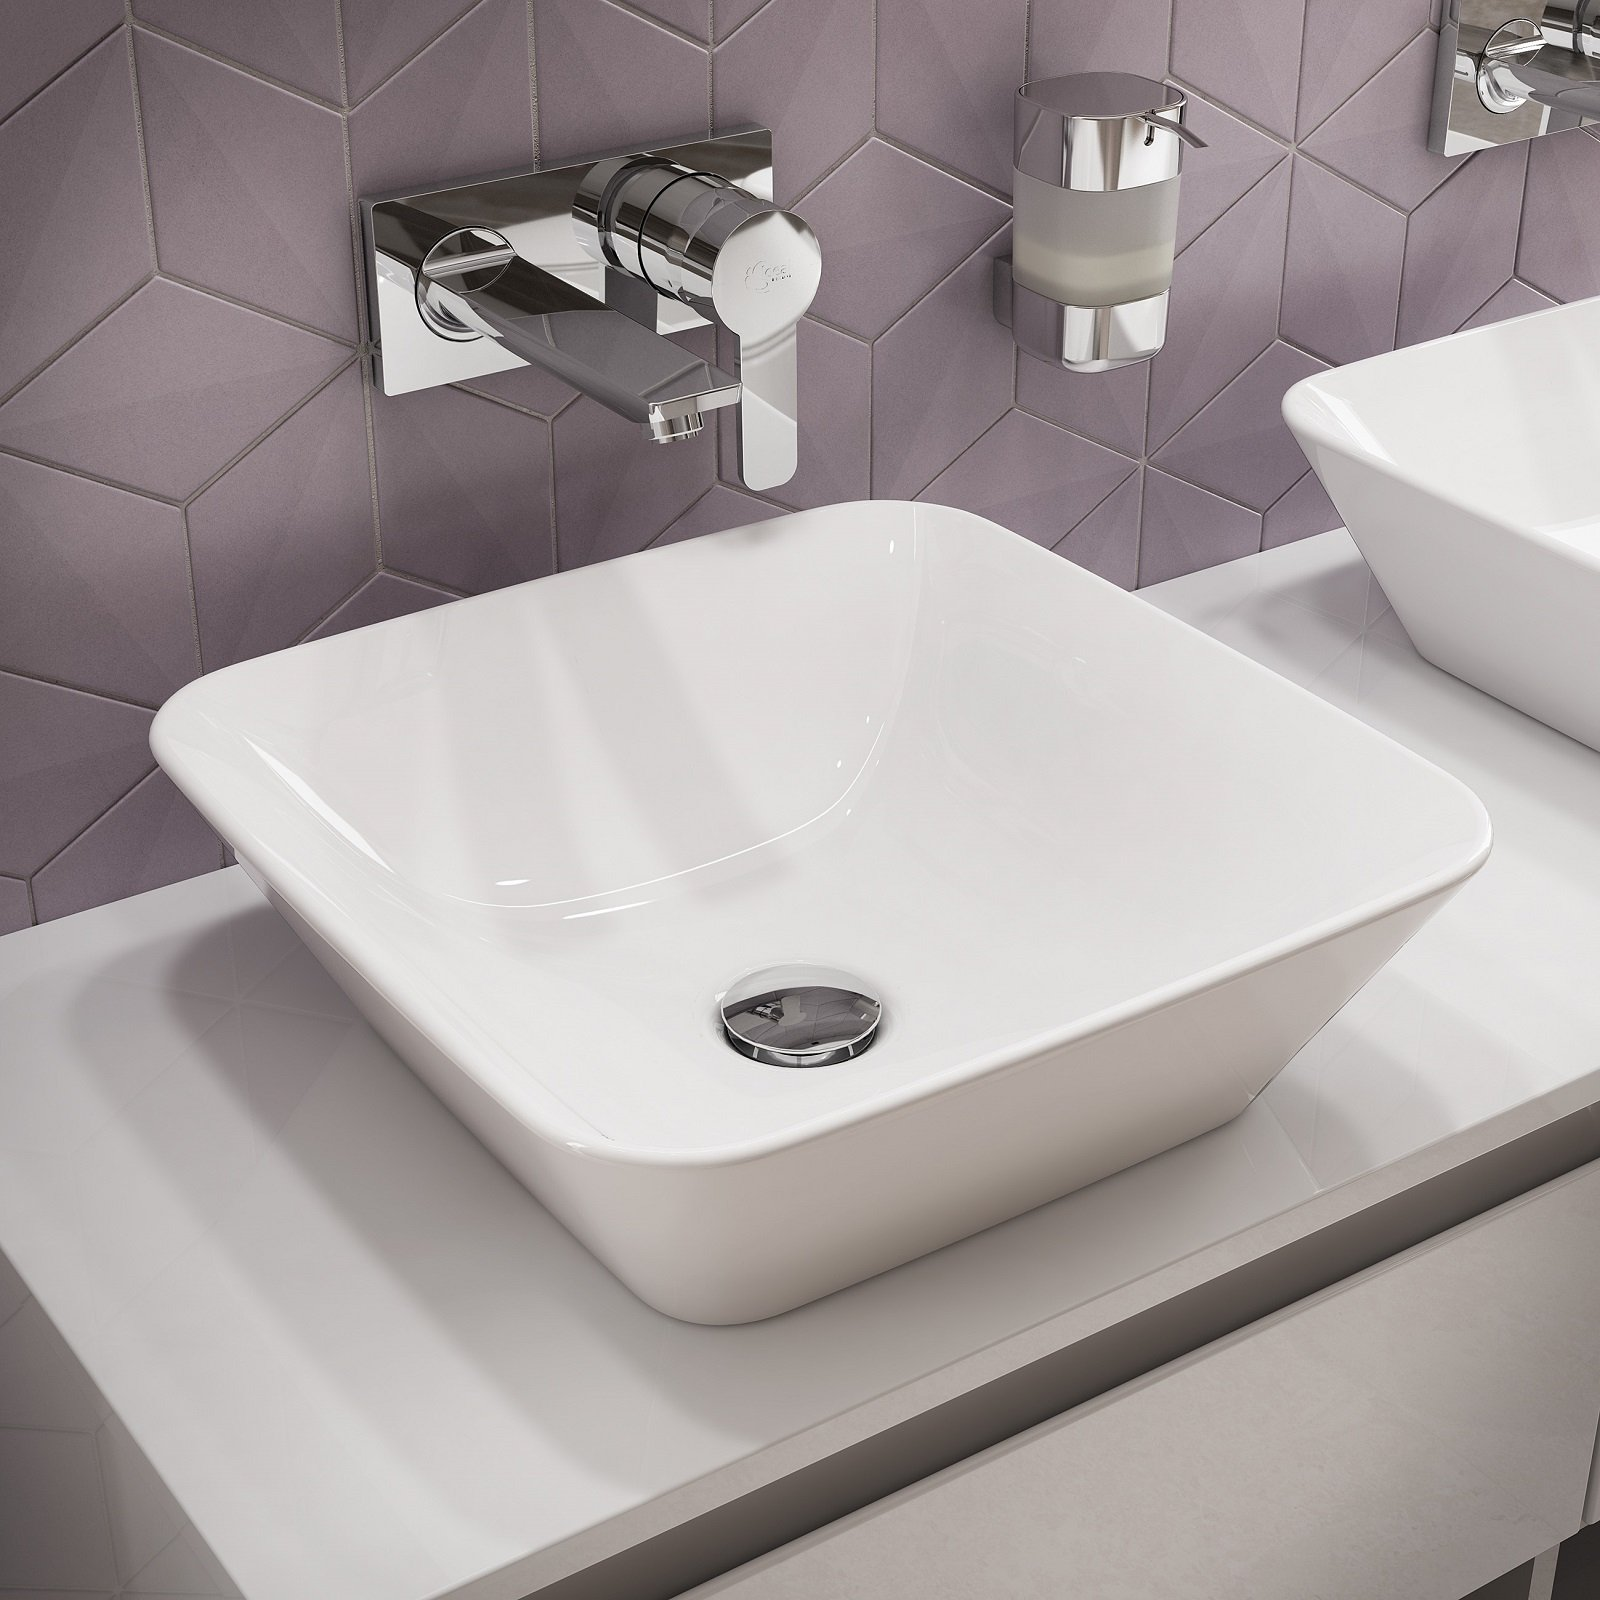 Fanno tendenza i moderni lavabi d appoggio che donano leggerezza all ambiente bagno sia di stile for Rubinetti bagno ideal standard